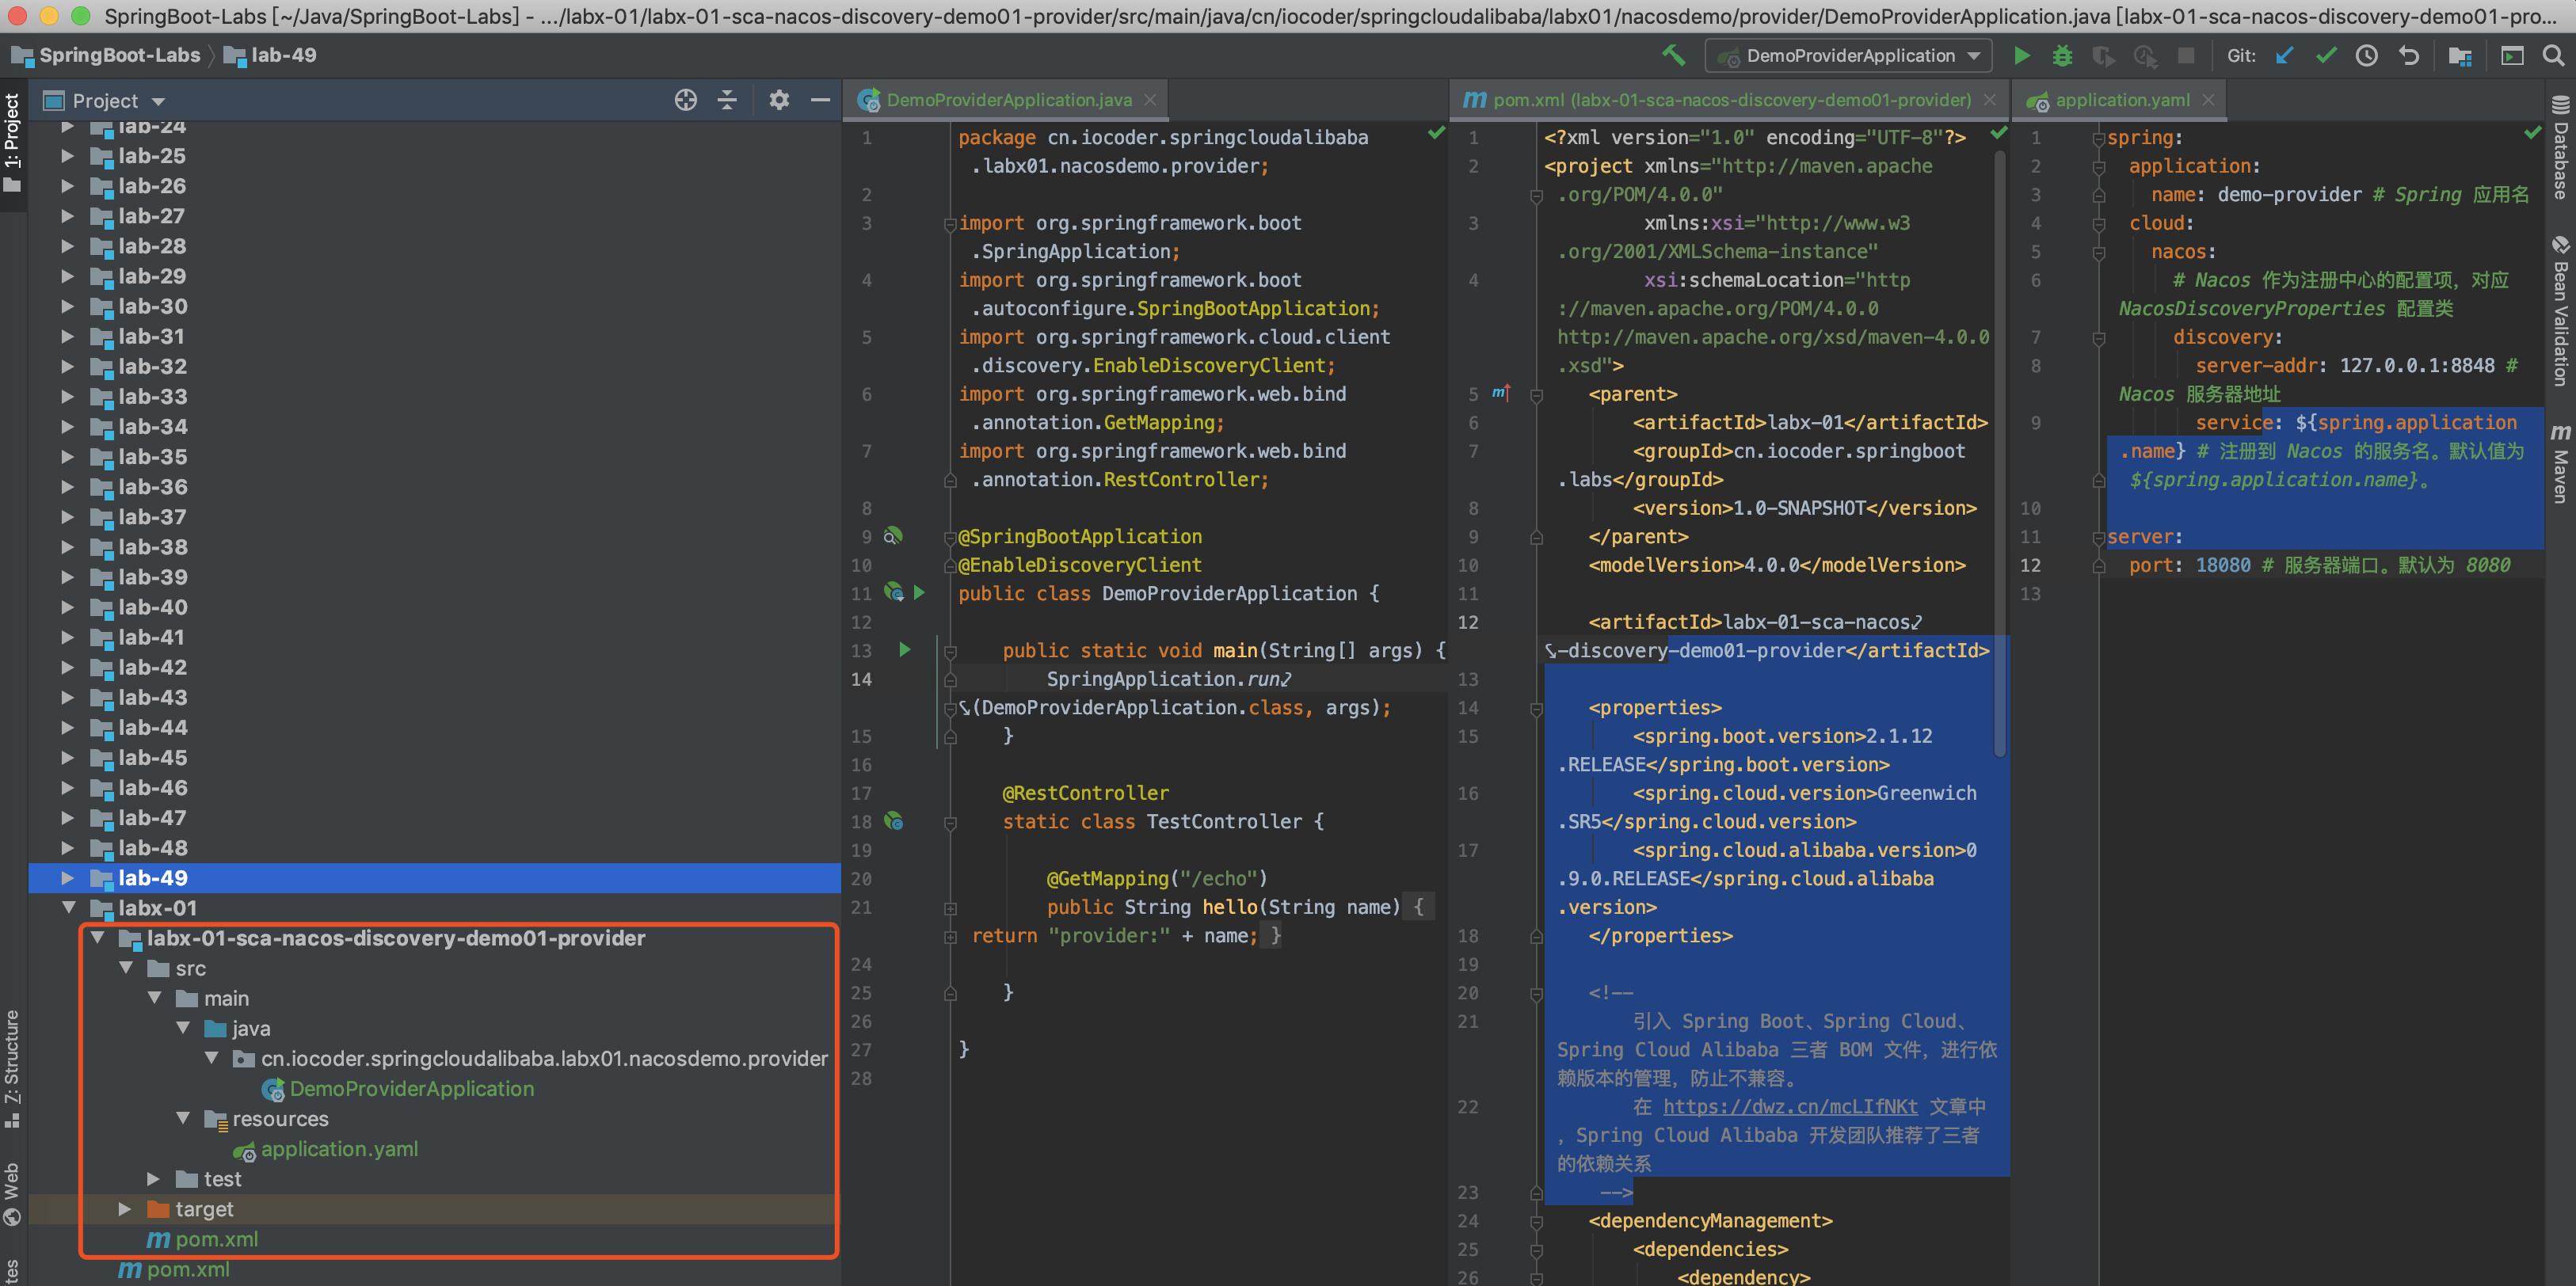 demo-provider 项目